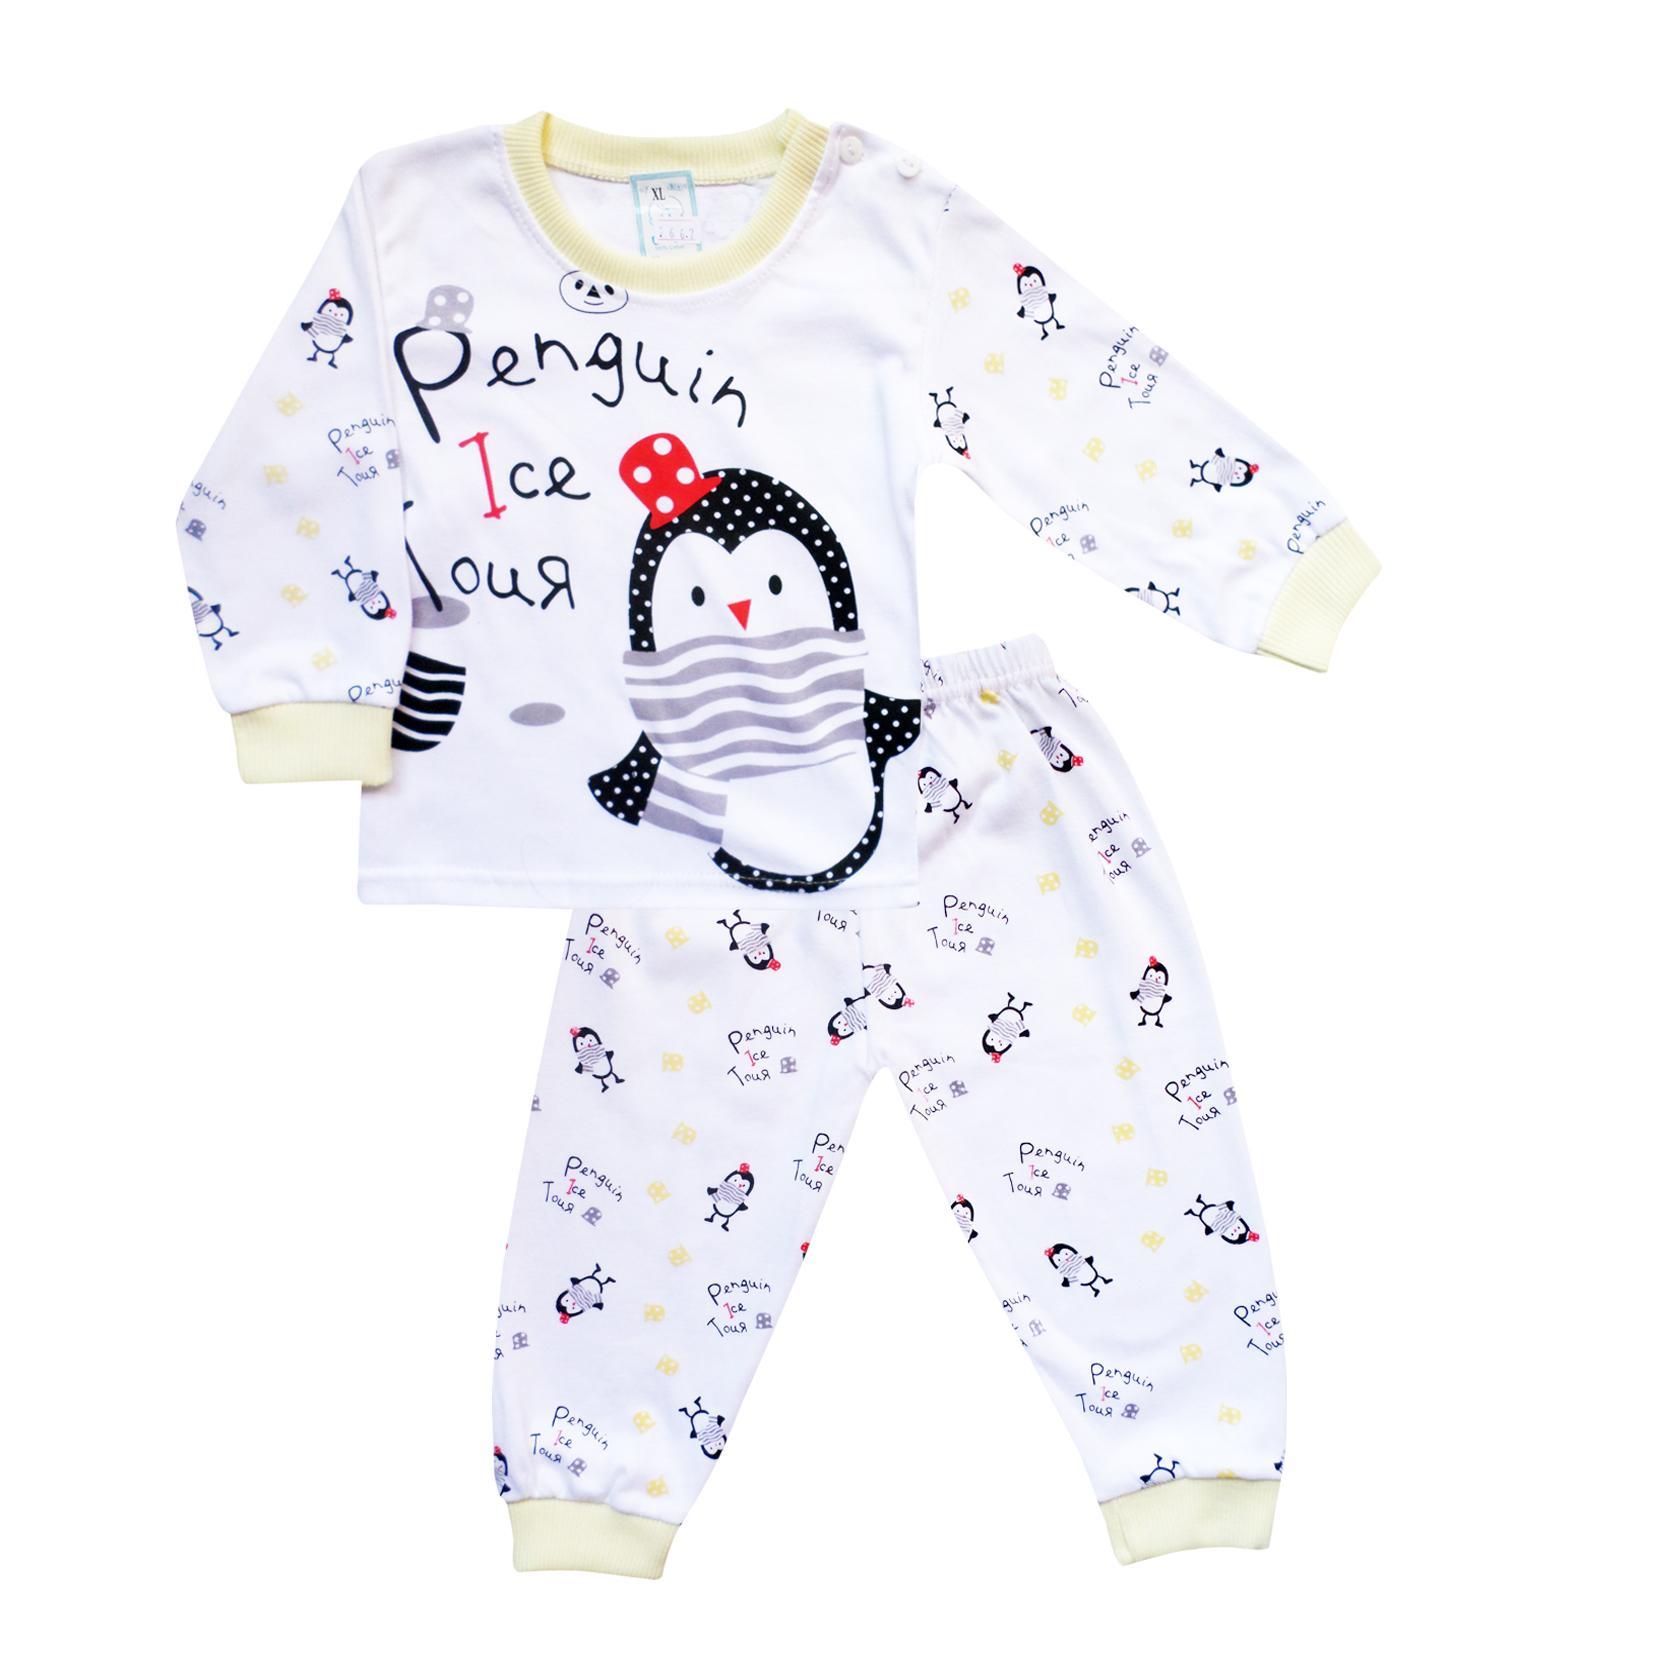 Skabe Baby Putih Piyama Anak Setelan Baju Tidur Tangan Panjang Anak Bayi Laki Laki 2667 By Waka Kids.